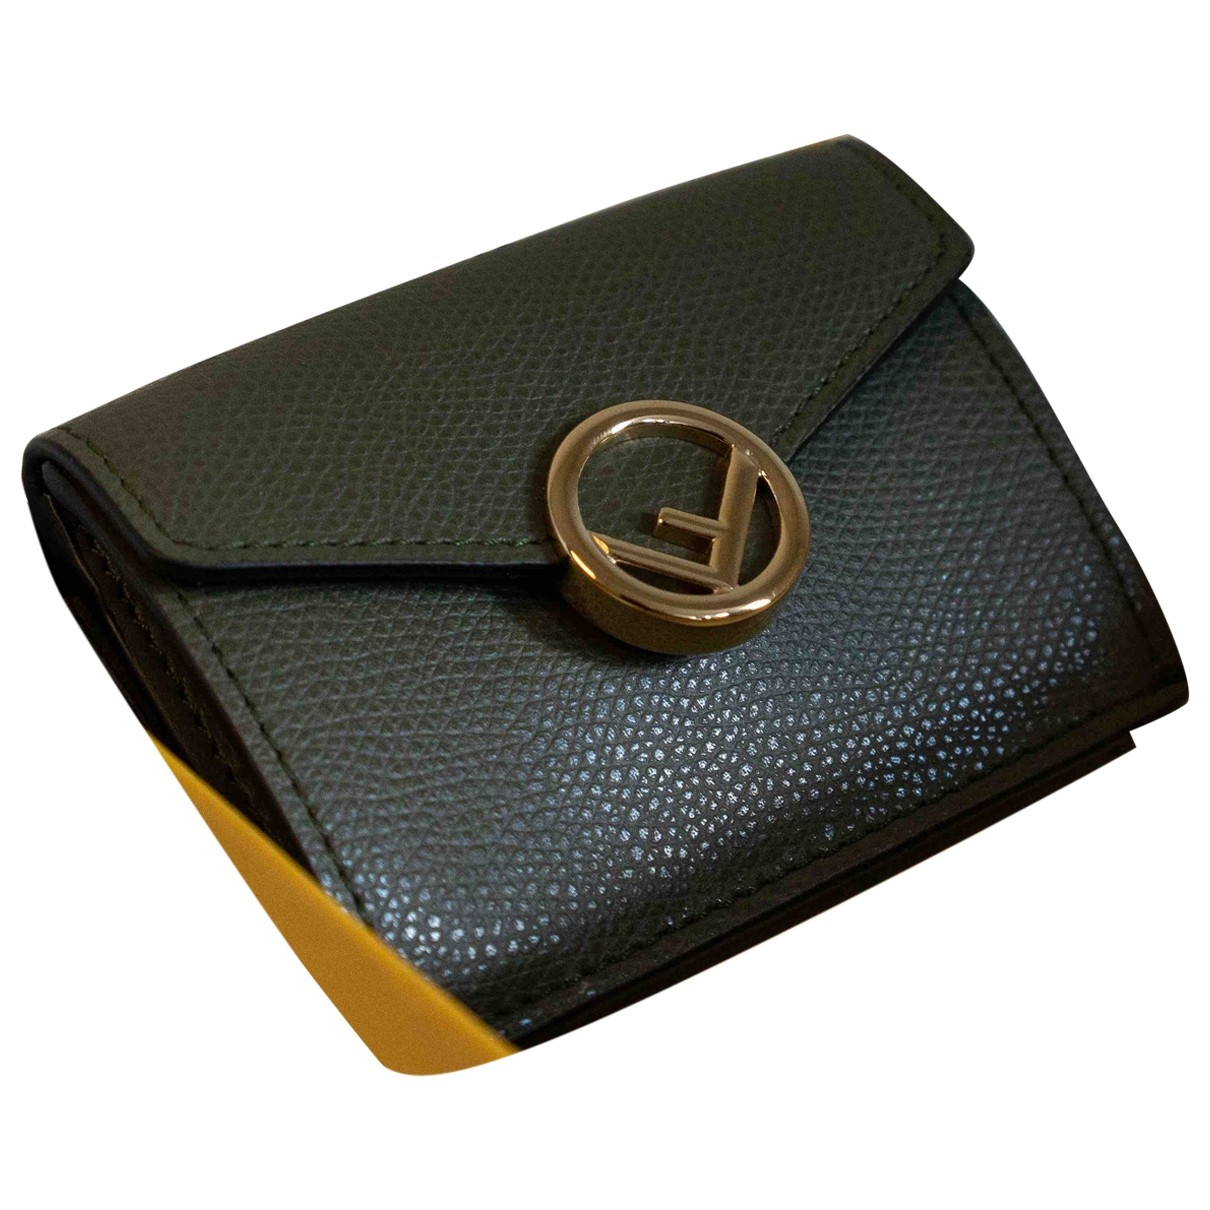 Fendi \N Portemonnaie in  Gruen Leder